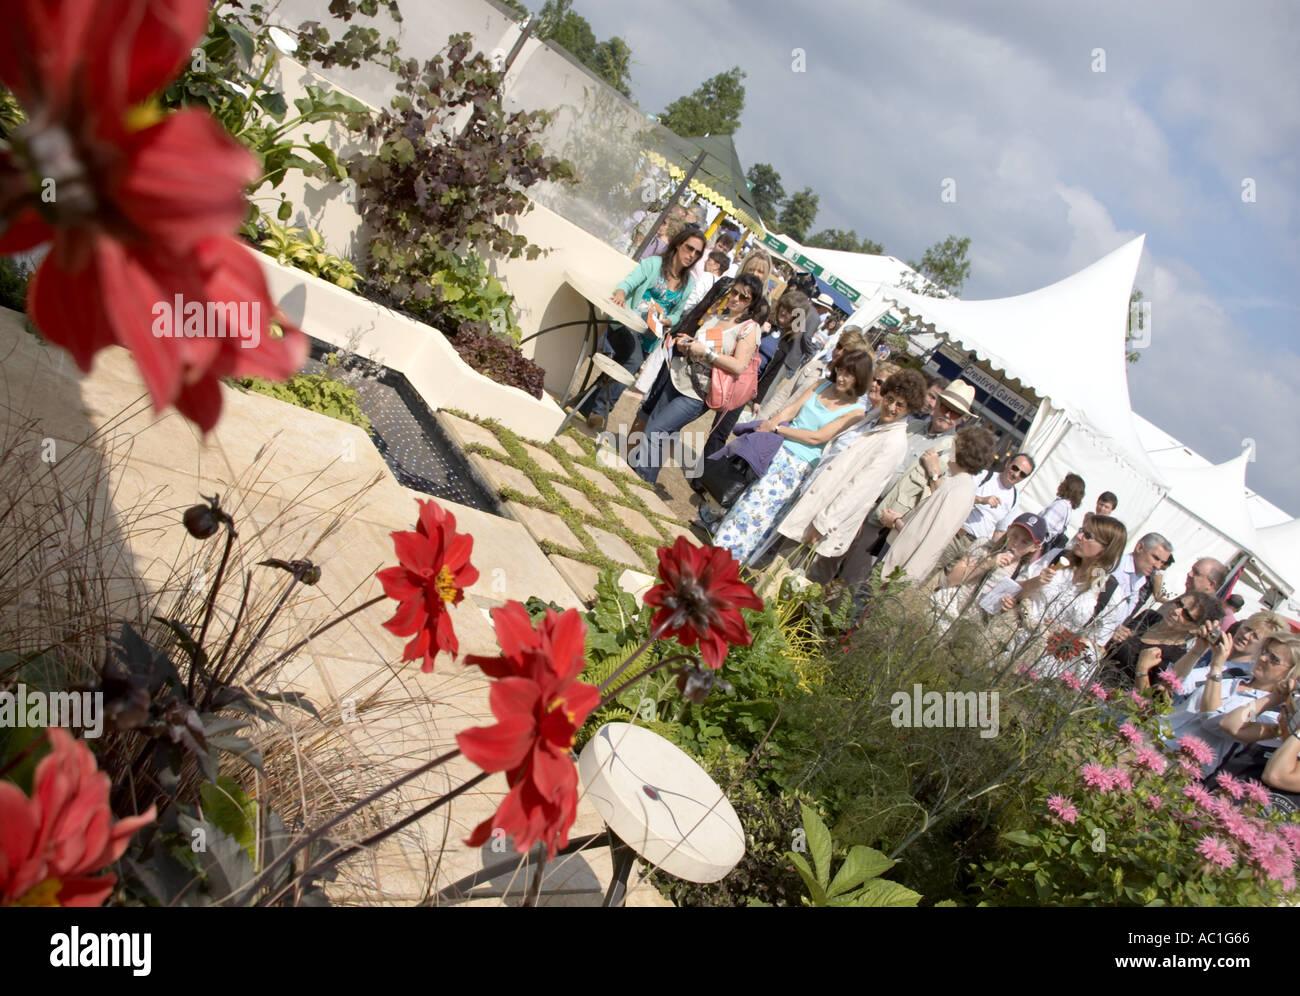 Los espectadores ver un jardín en competición en el Hampton Court Flower Show 2005 Foto de stock